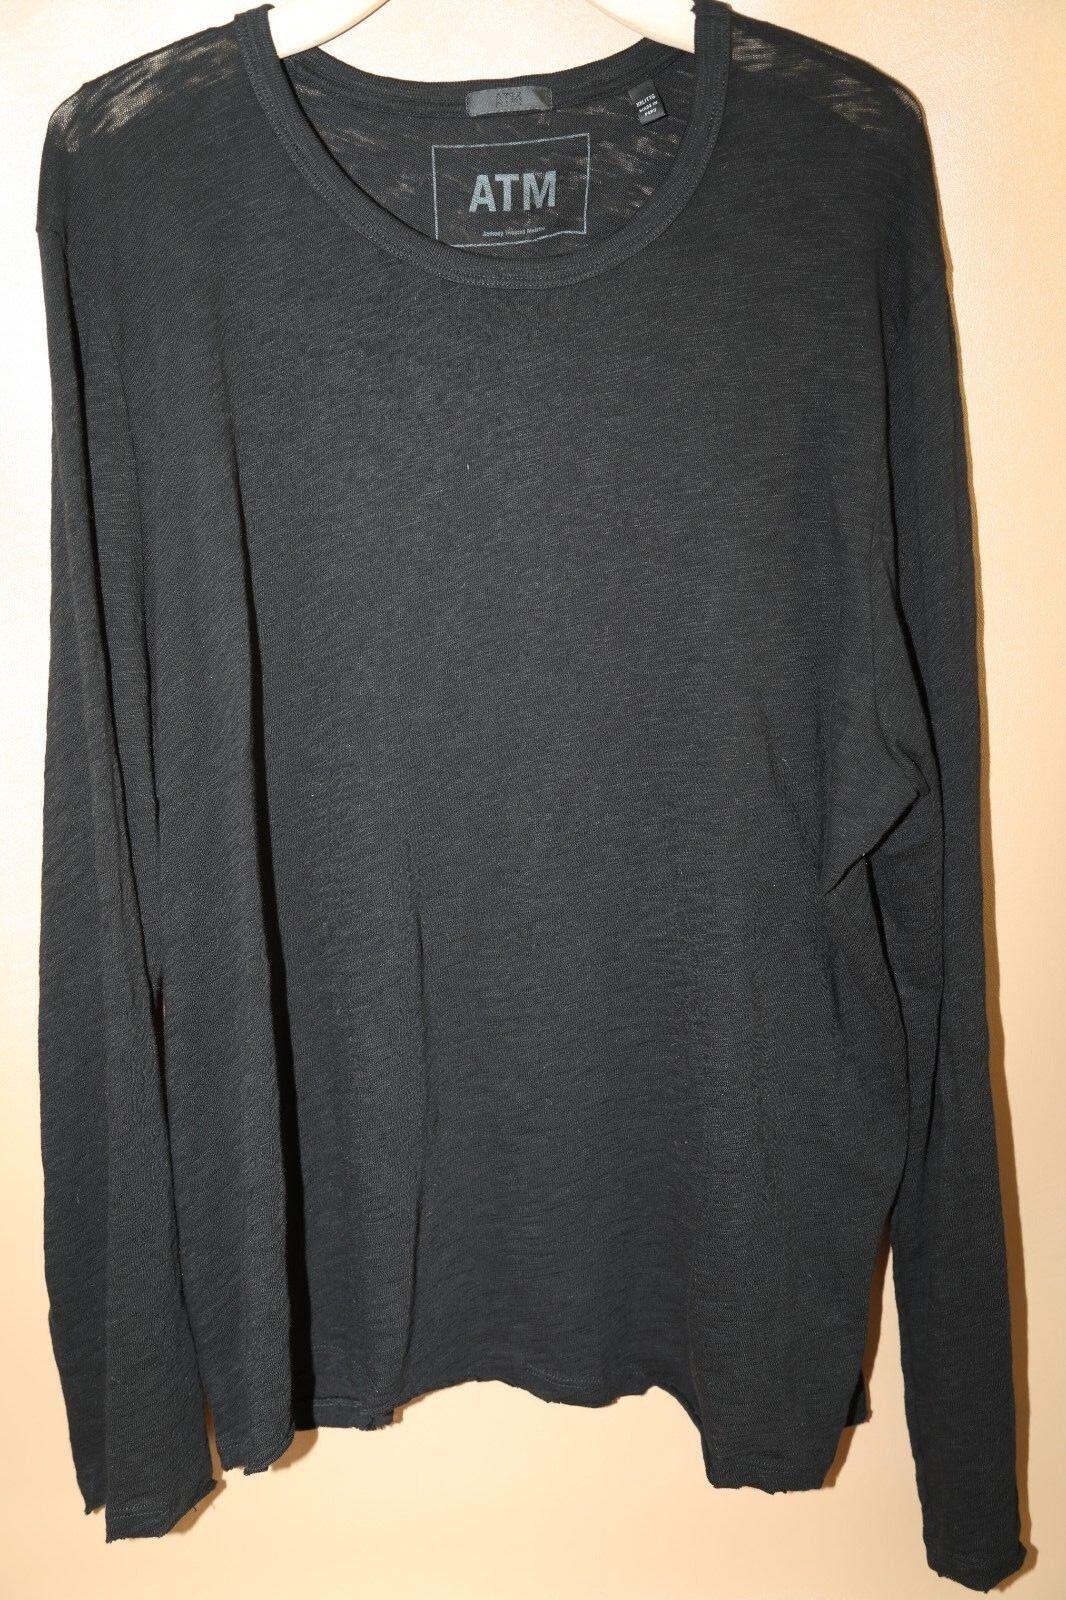 ATM ANTHONY THOMAS MELILLO Destroyed Long Sleeve T-Shirt XXL